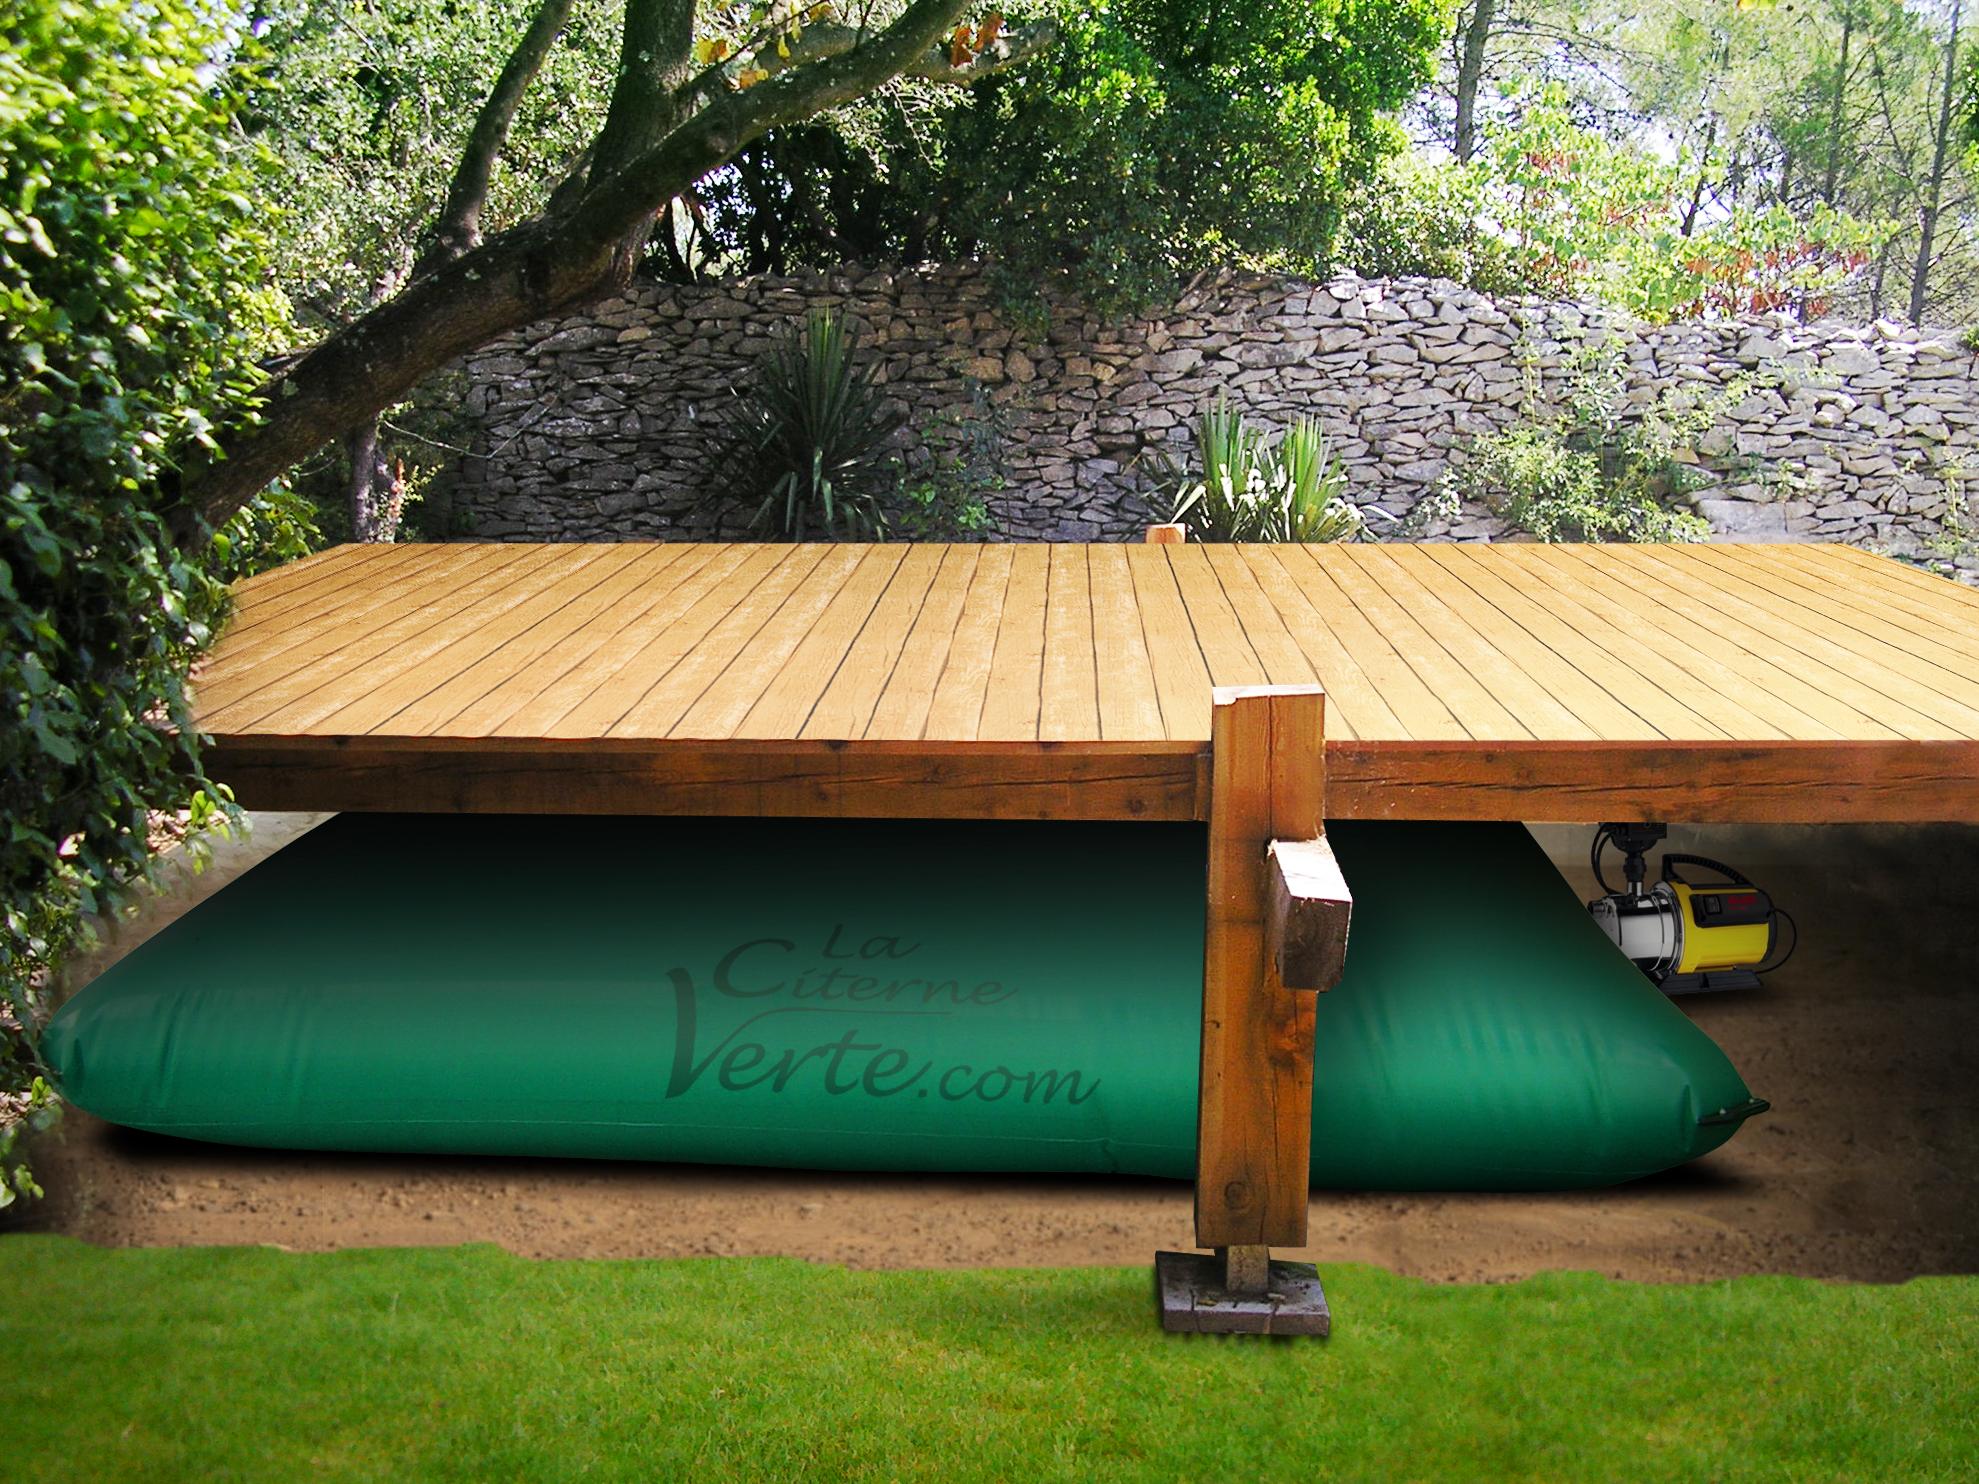 Comment Cacher Sa Terrasse comment fermer les côtés d'une terrasse en bois composite